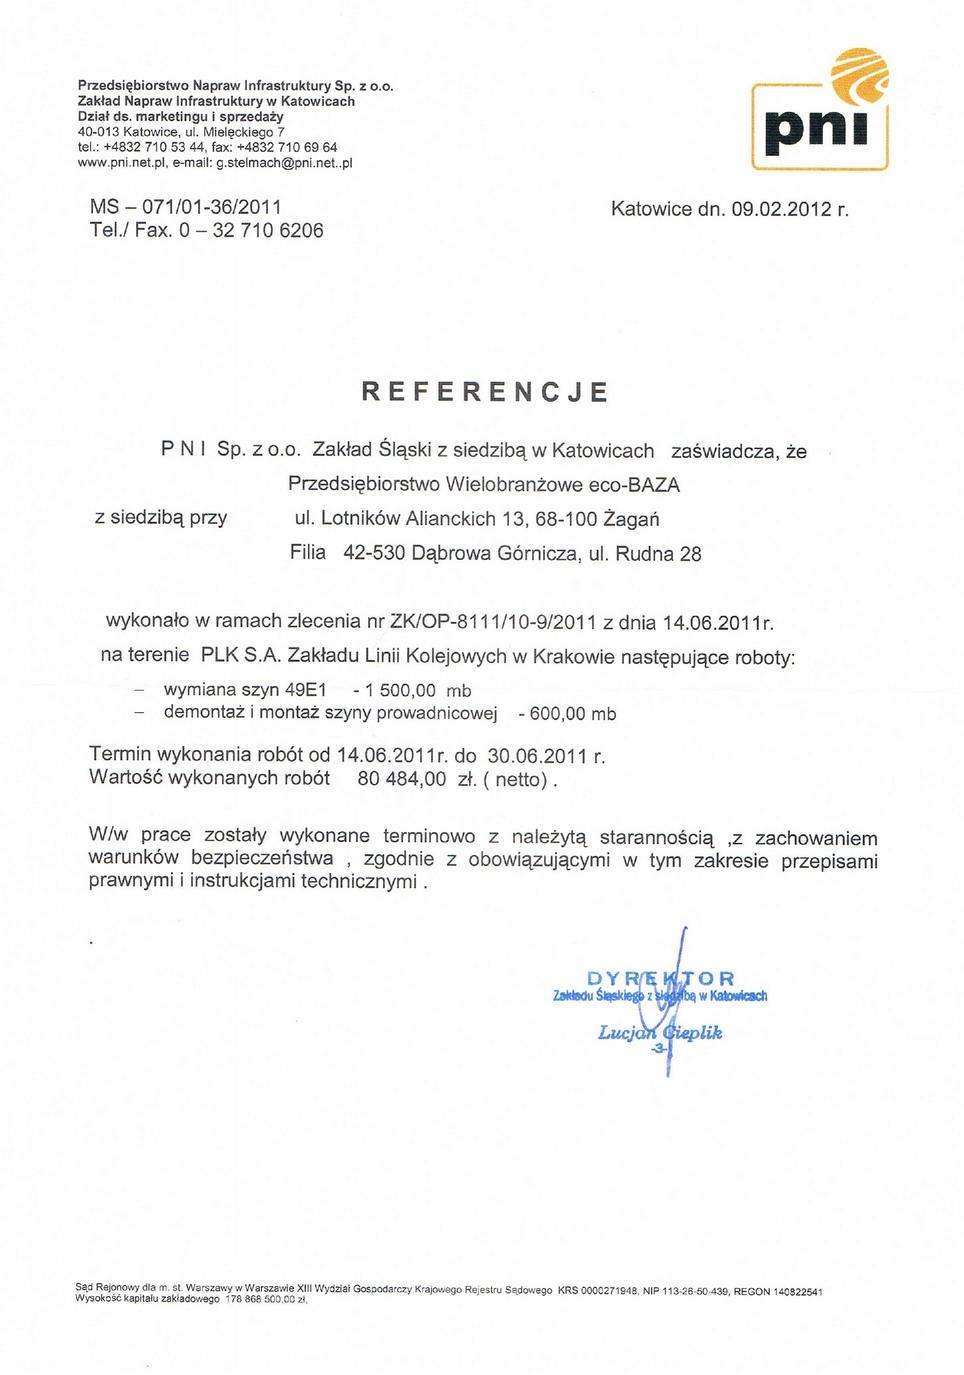 referencje_ecobaza_08